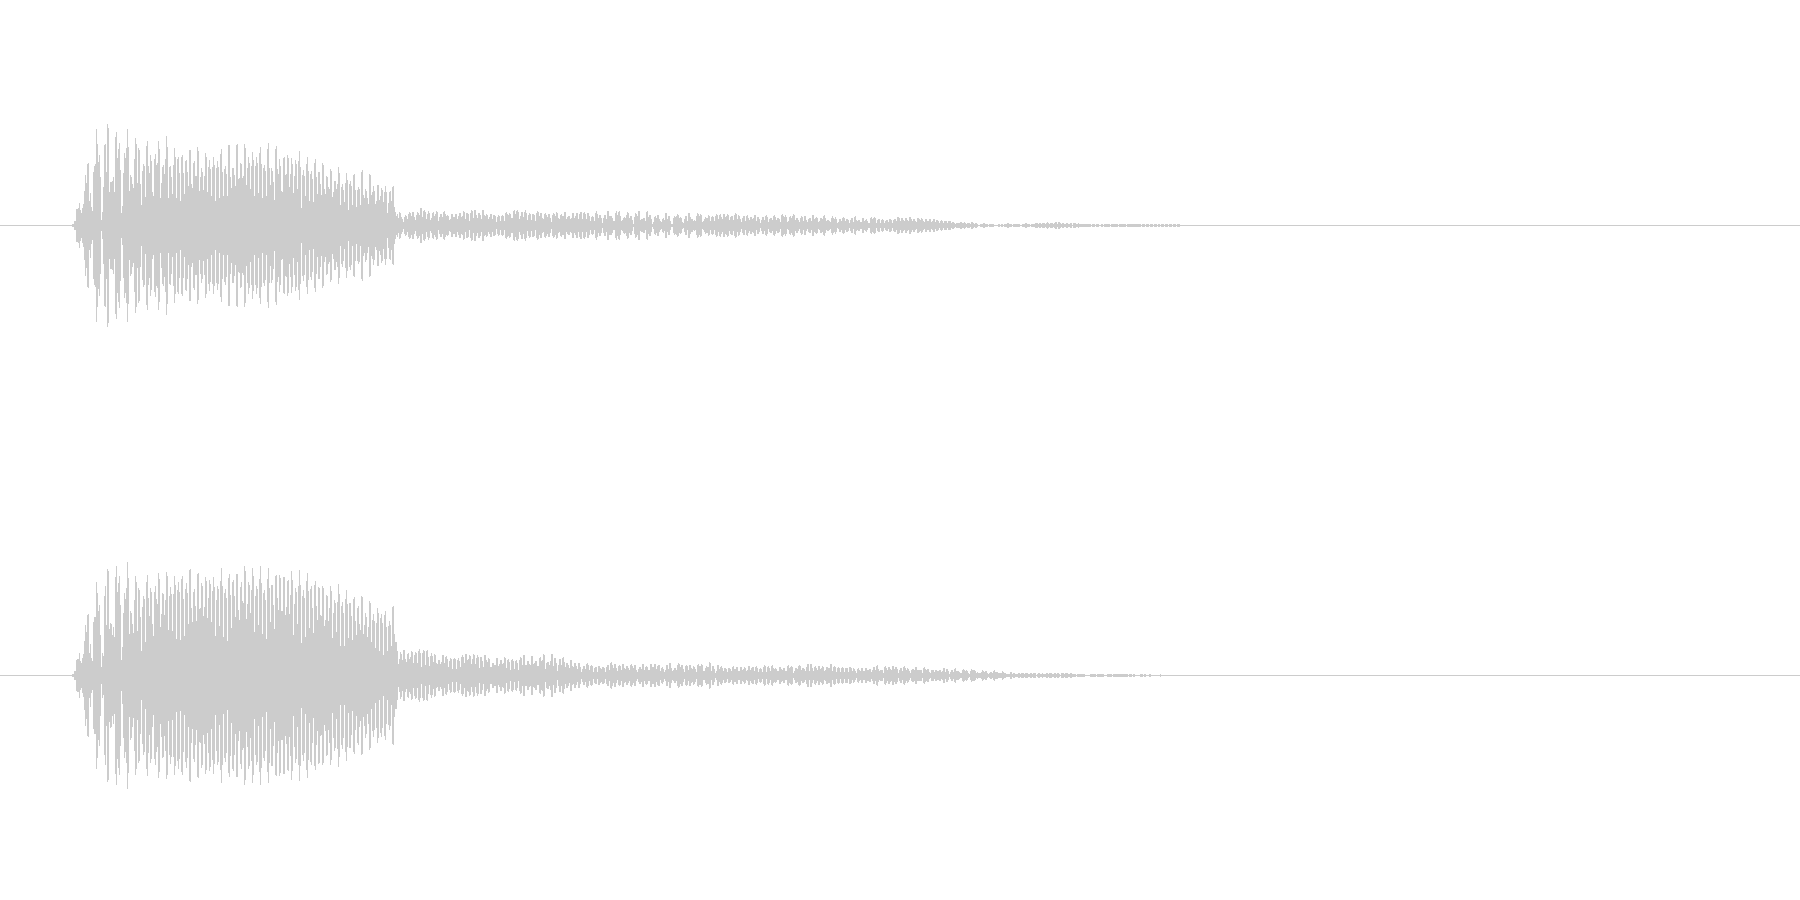 ポン、という高くてはっきりした音の未再生の波形